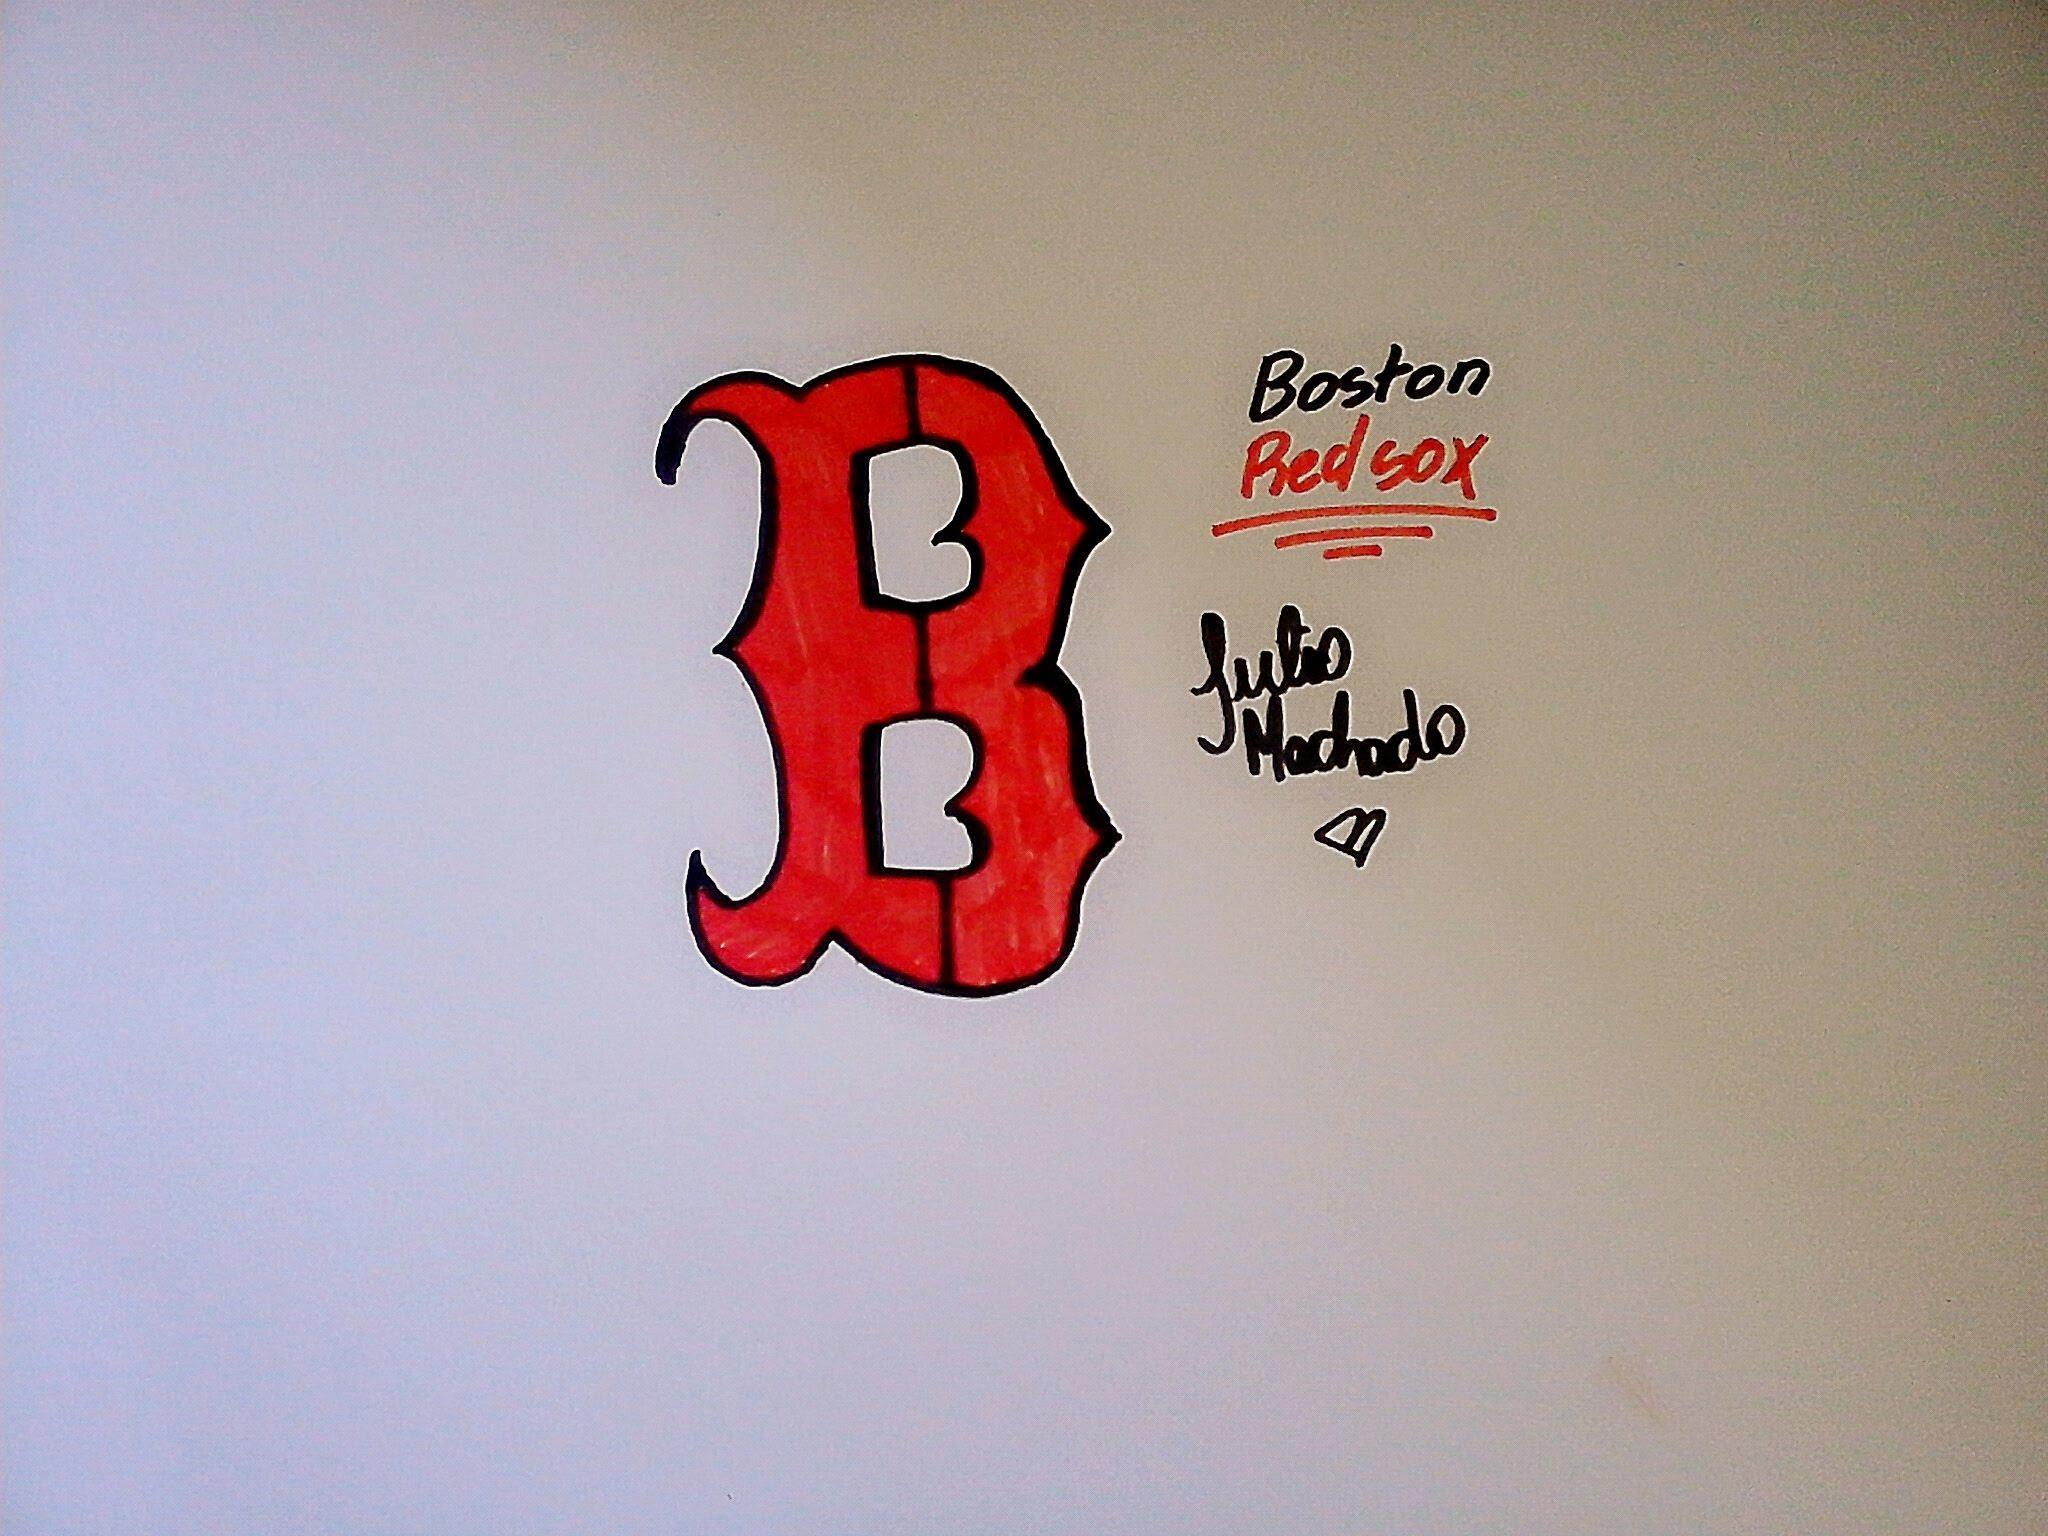 wallpaper.wiki-HD-Boston-Red-Sox-Logo-Image-